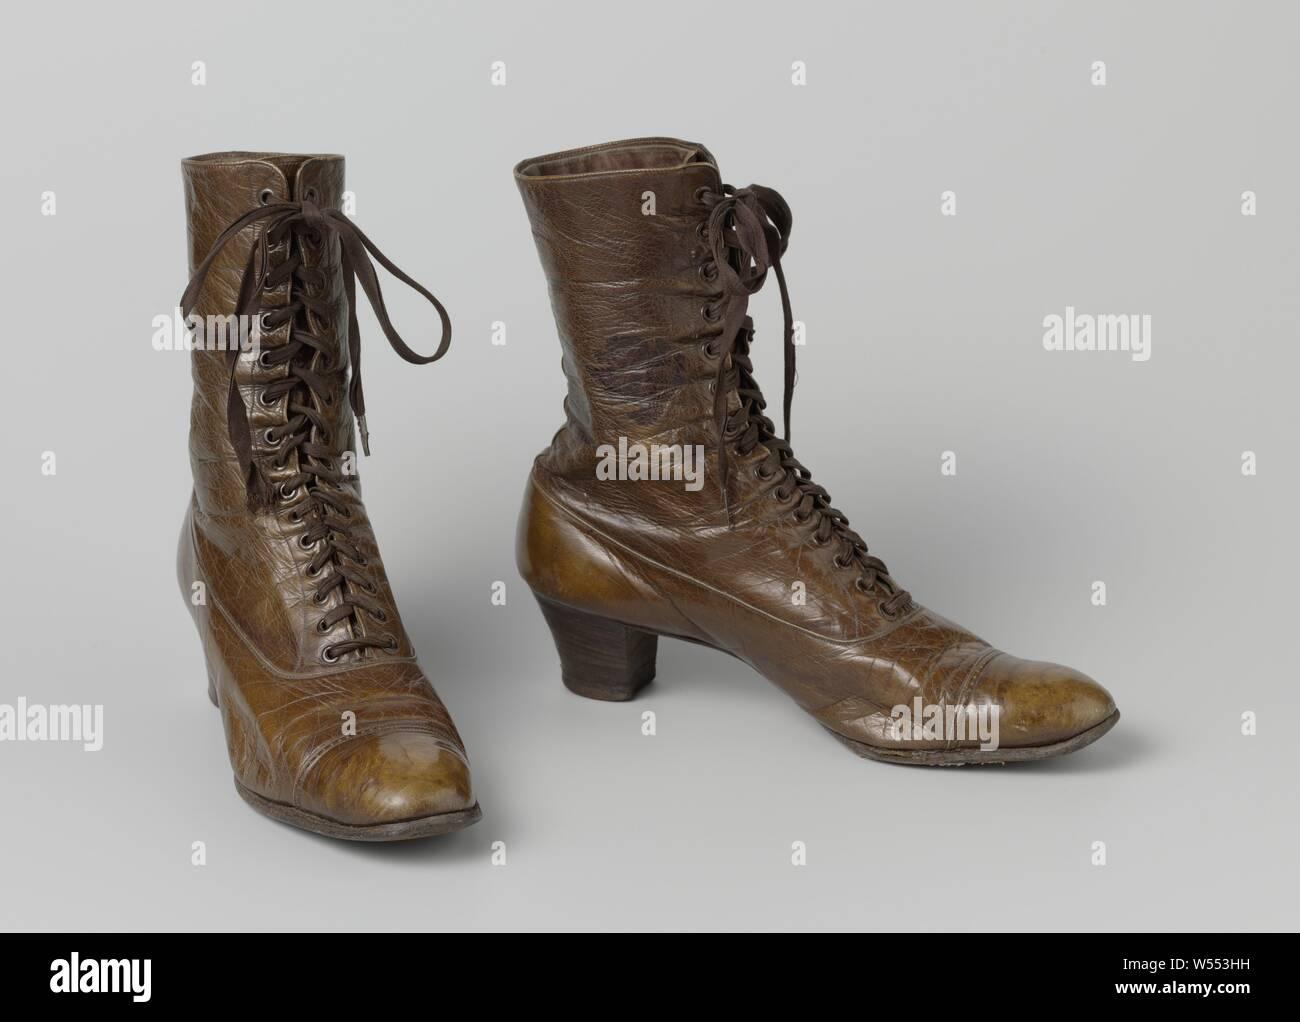 Bilder Stockfotosamp; Leder Gefüttert Leder Alamy 4AL5Rcq3jS